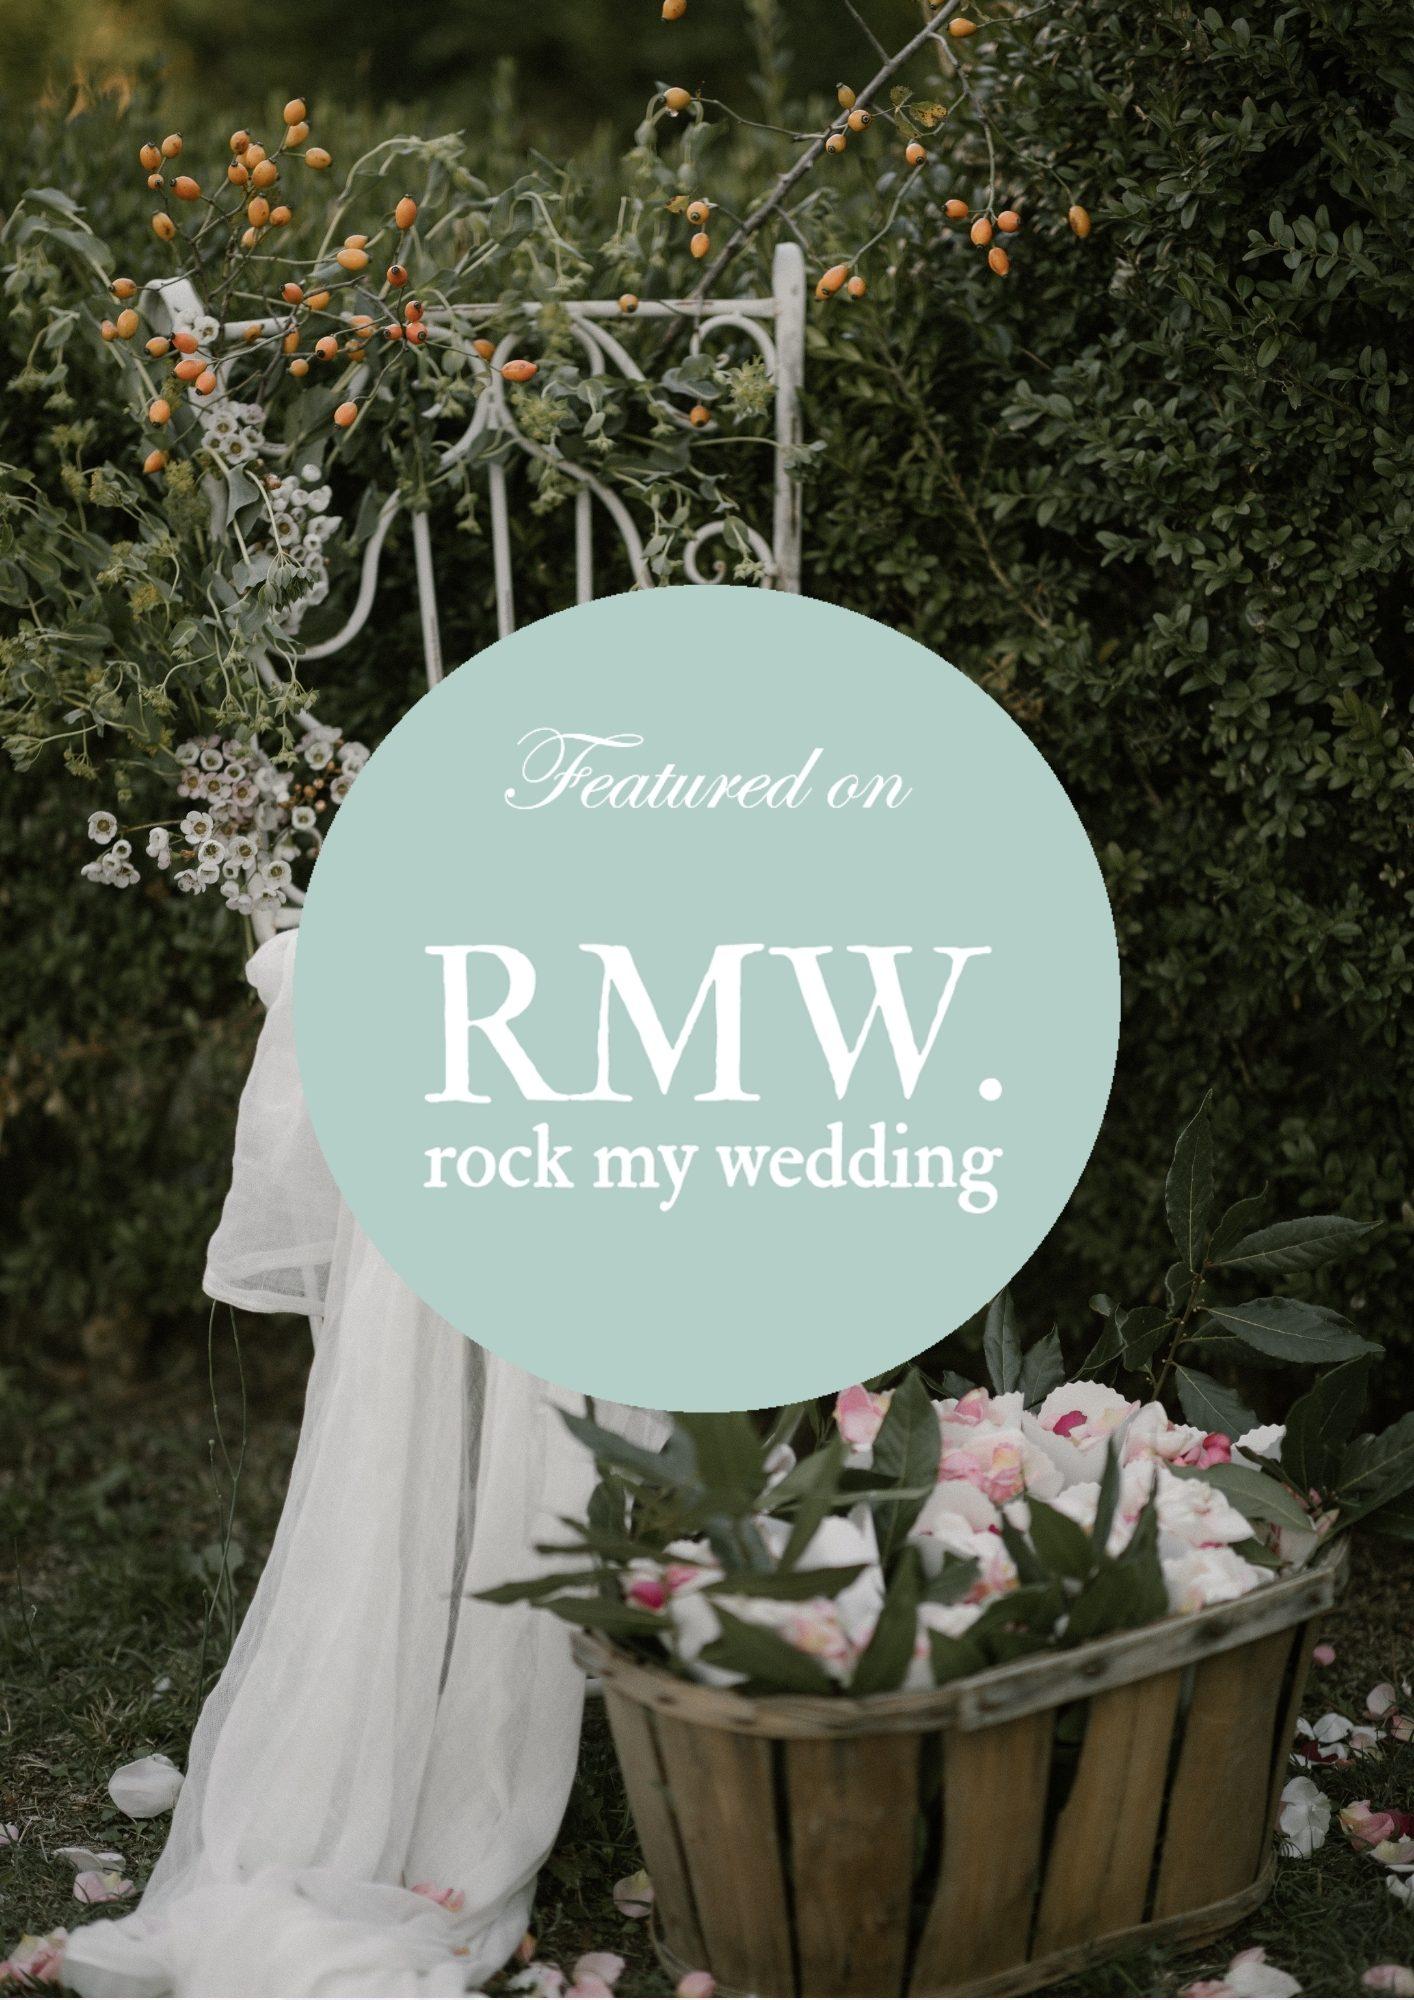 Giulia-Alessandri-Wedding-Planner-Toscana_-Pubblicazione-su Rock my Wedding_2